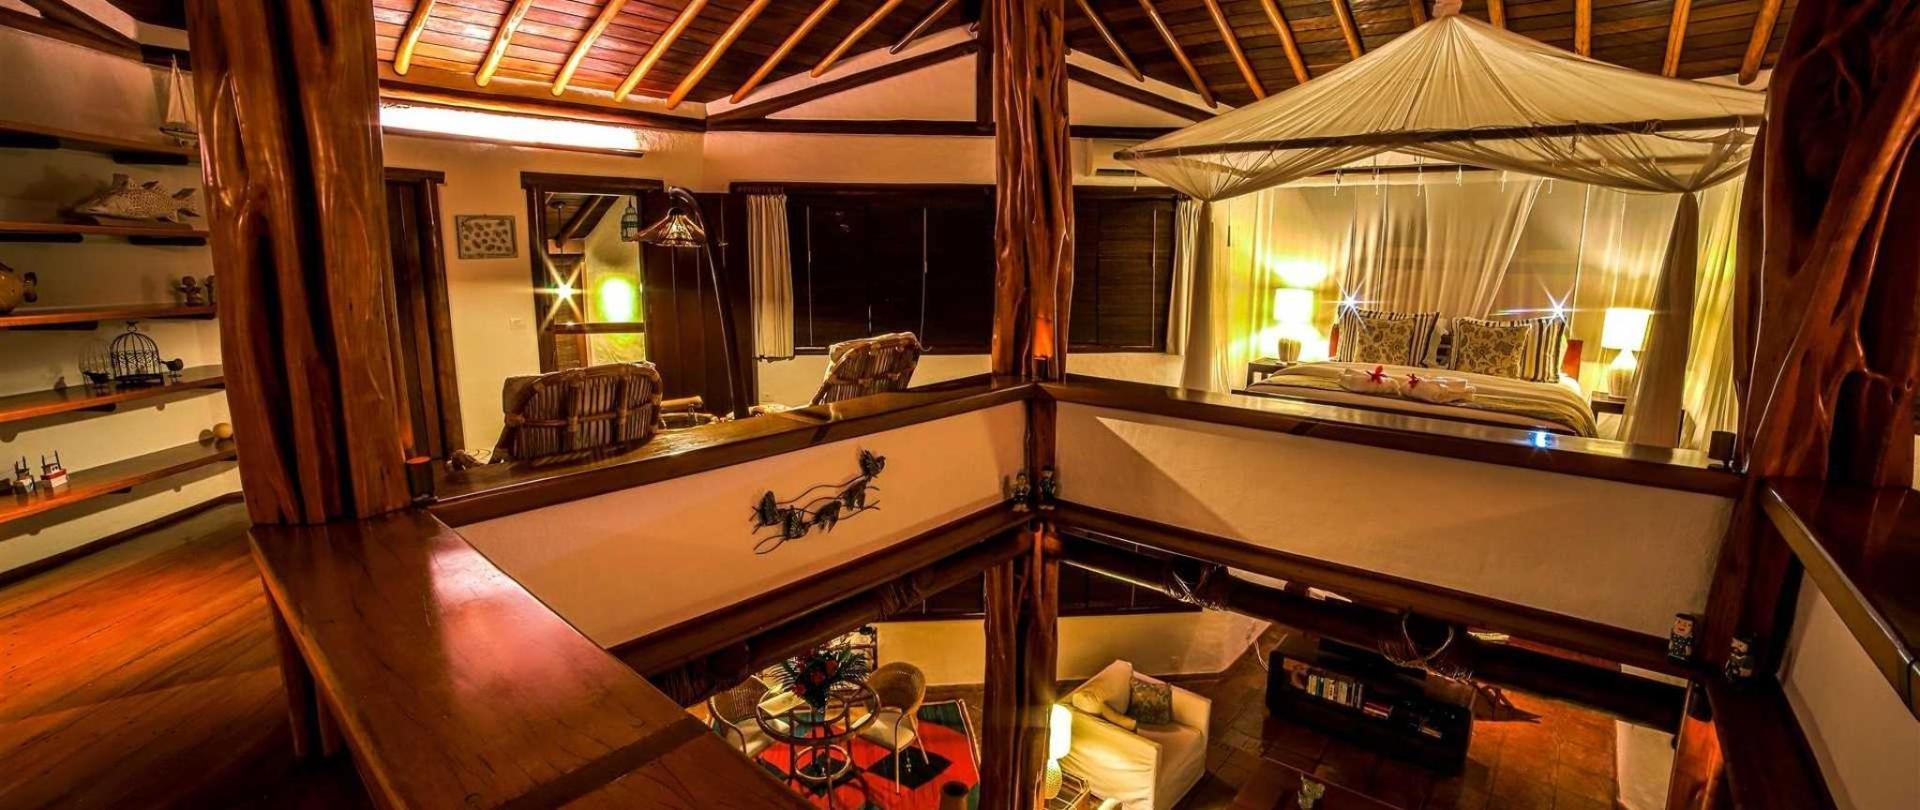 Hotel Villas de Trancoso